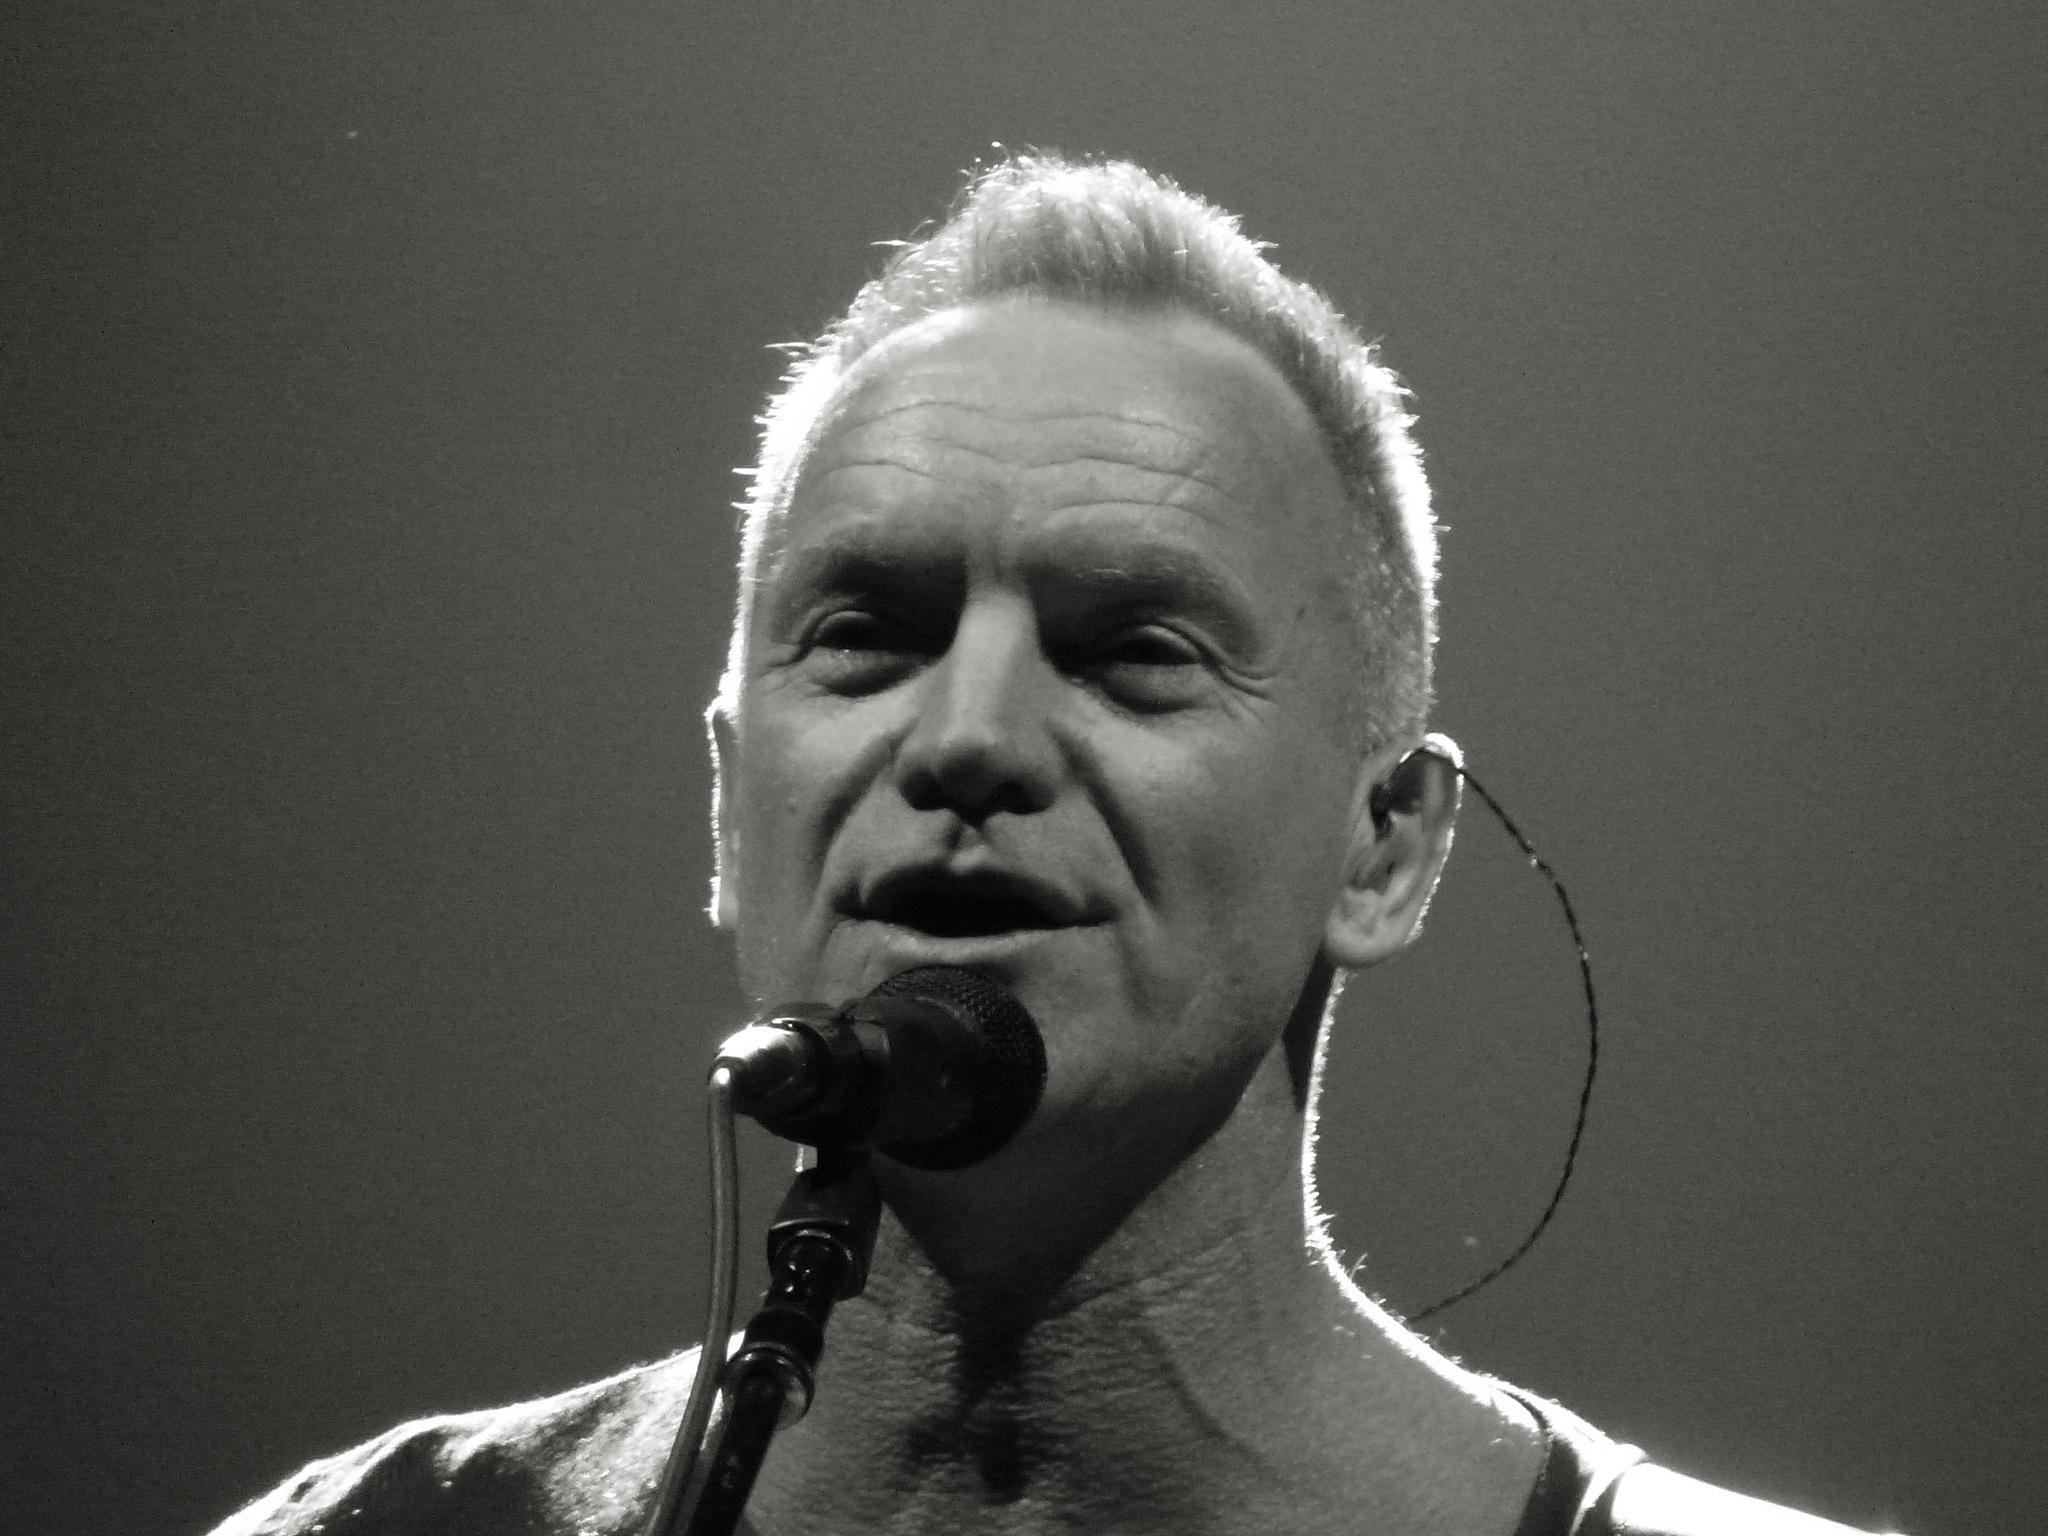 Concierto de Sting en Quito